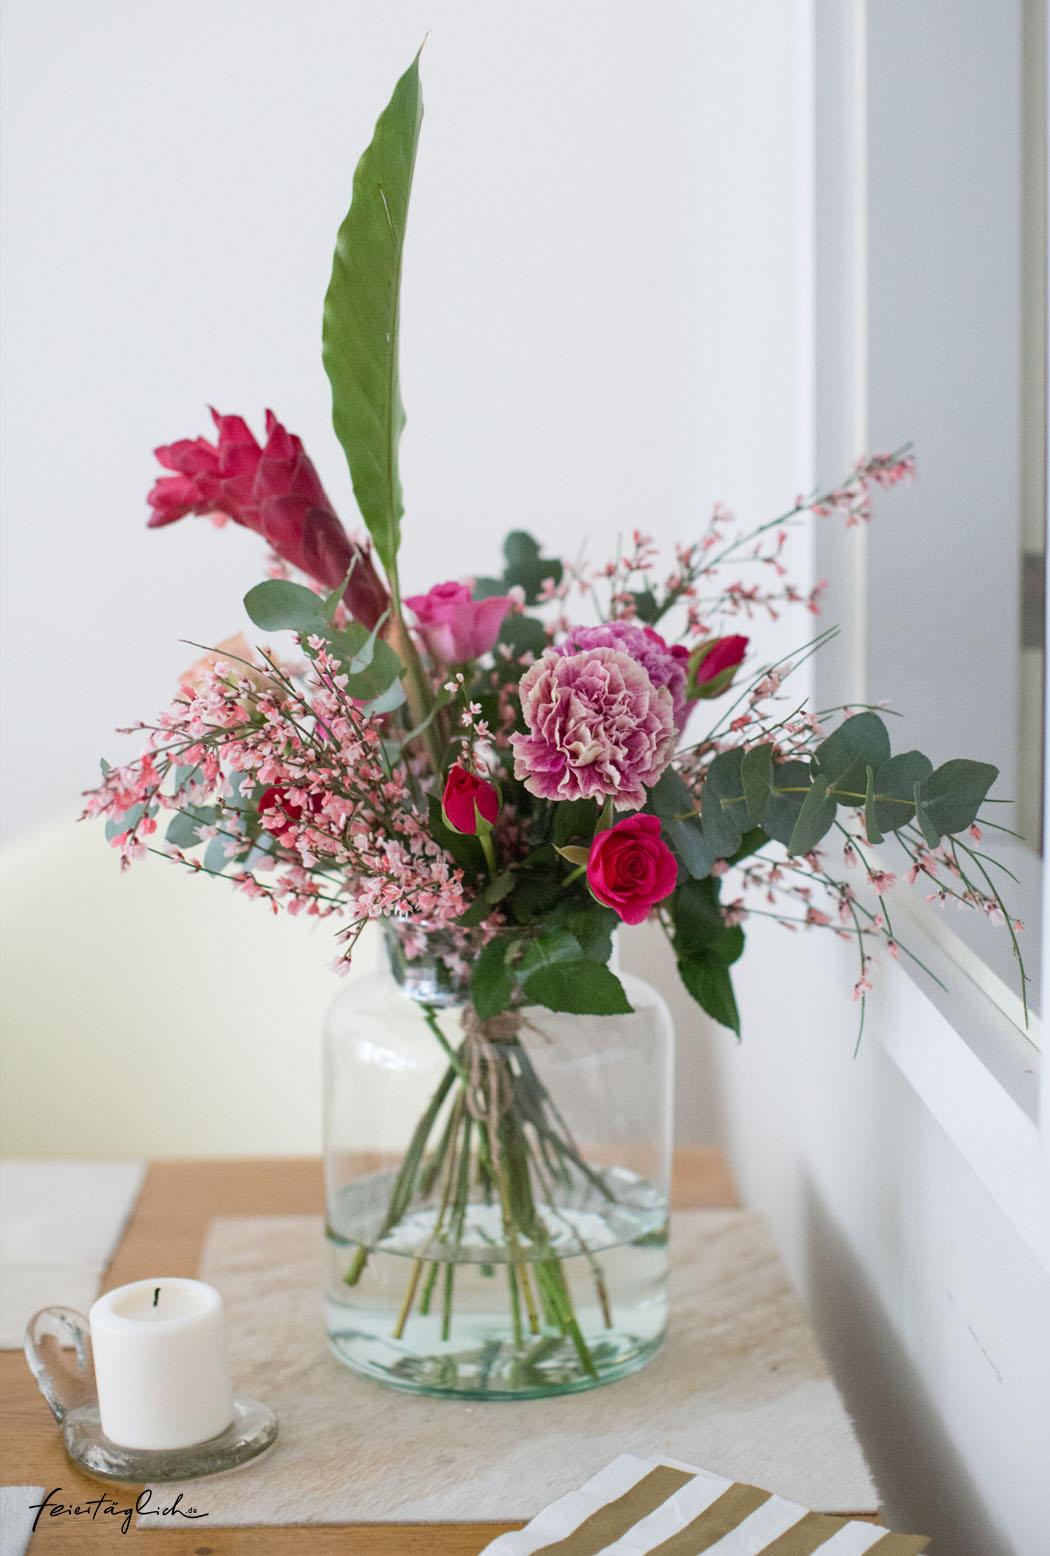 Lieblings-Blumenstrauss März 2020